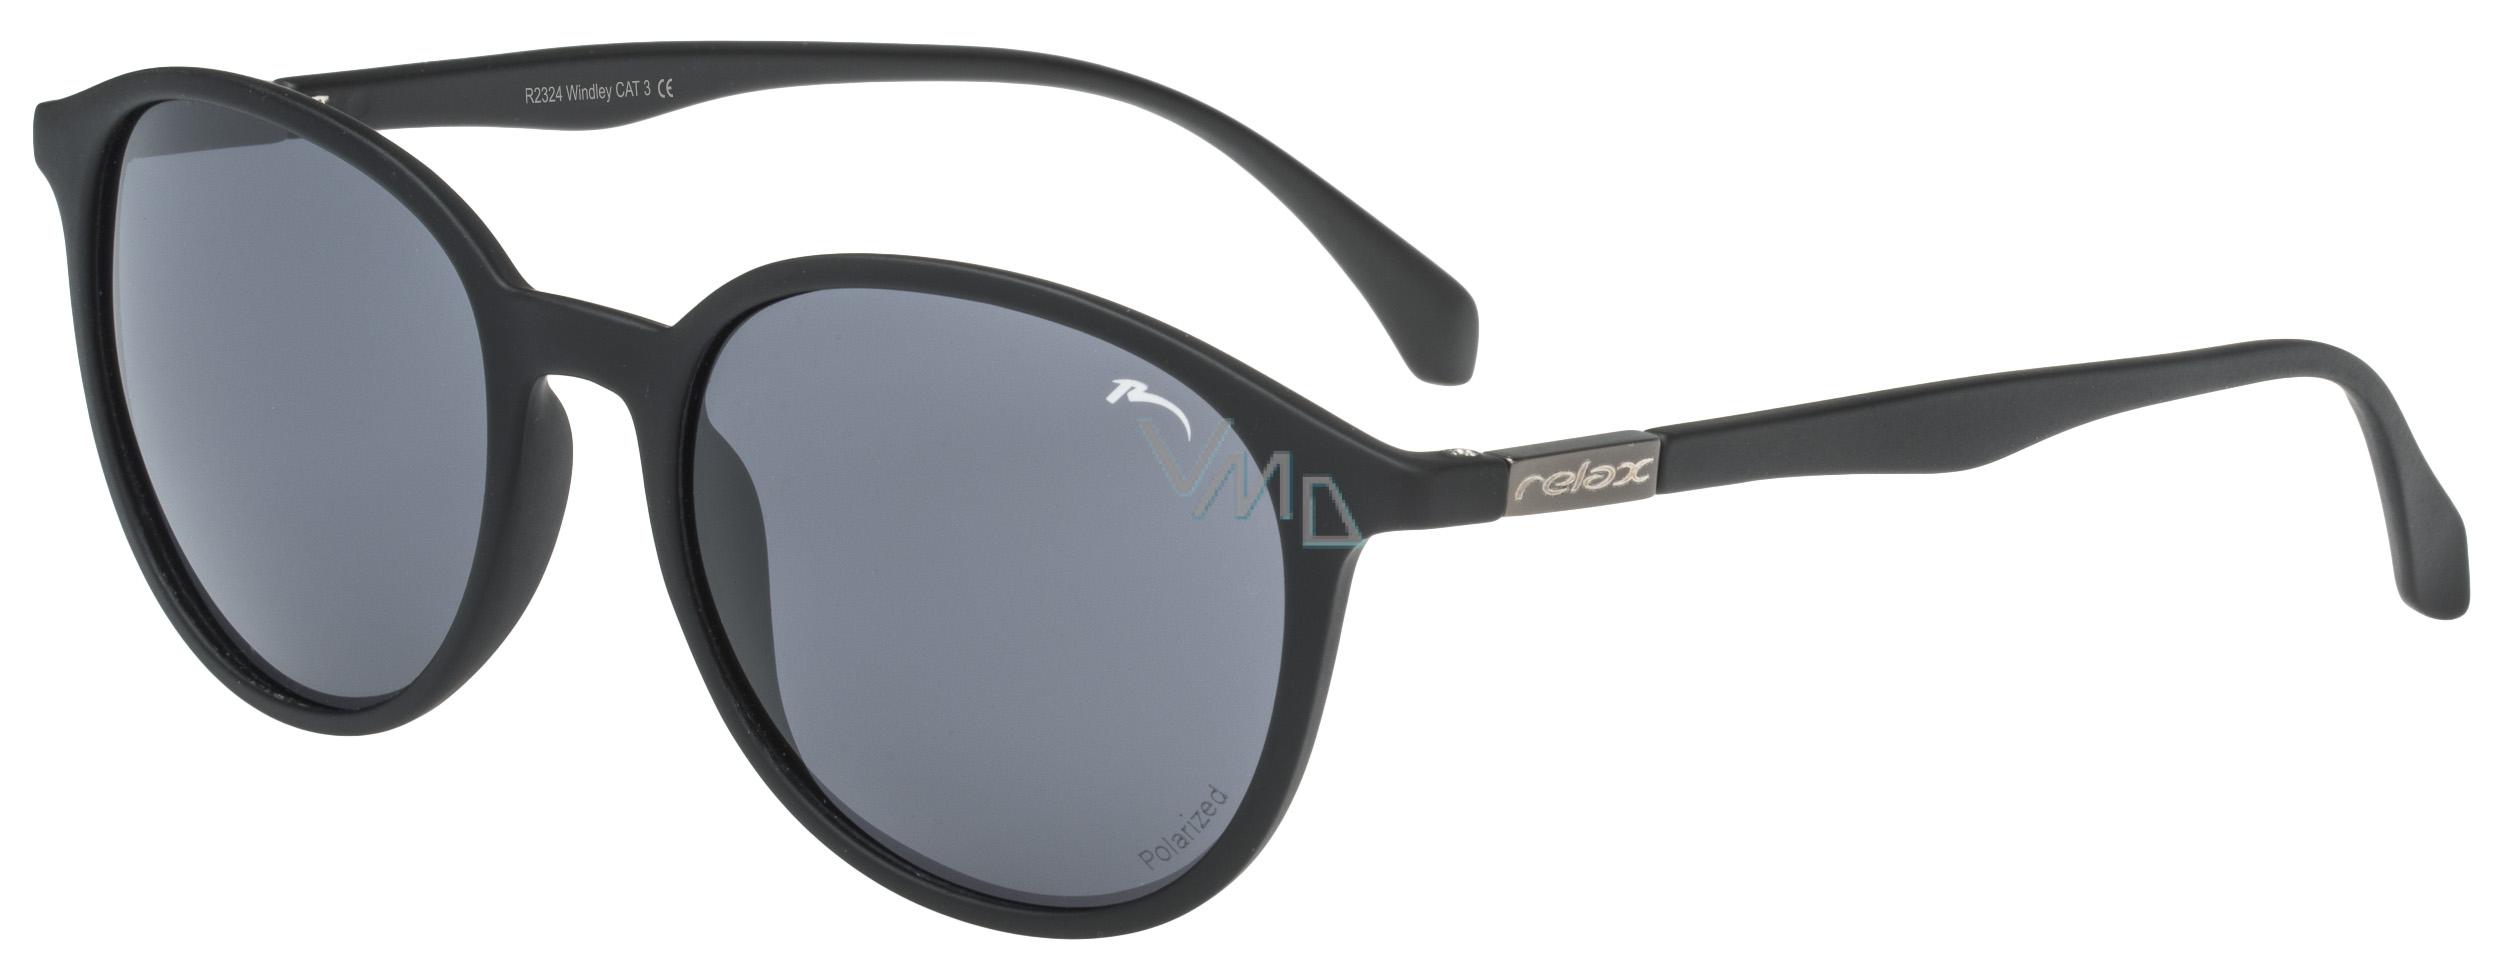 Relax Windley Sluneční brýle polarizační R2324 - VMD drogerie b9ae04f13d2